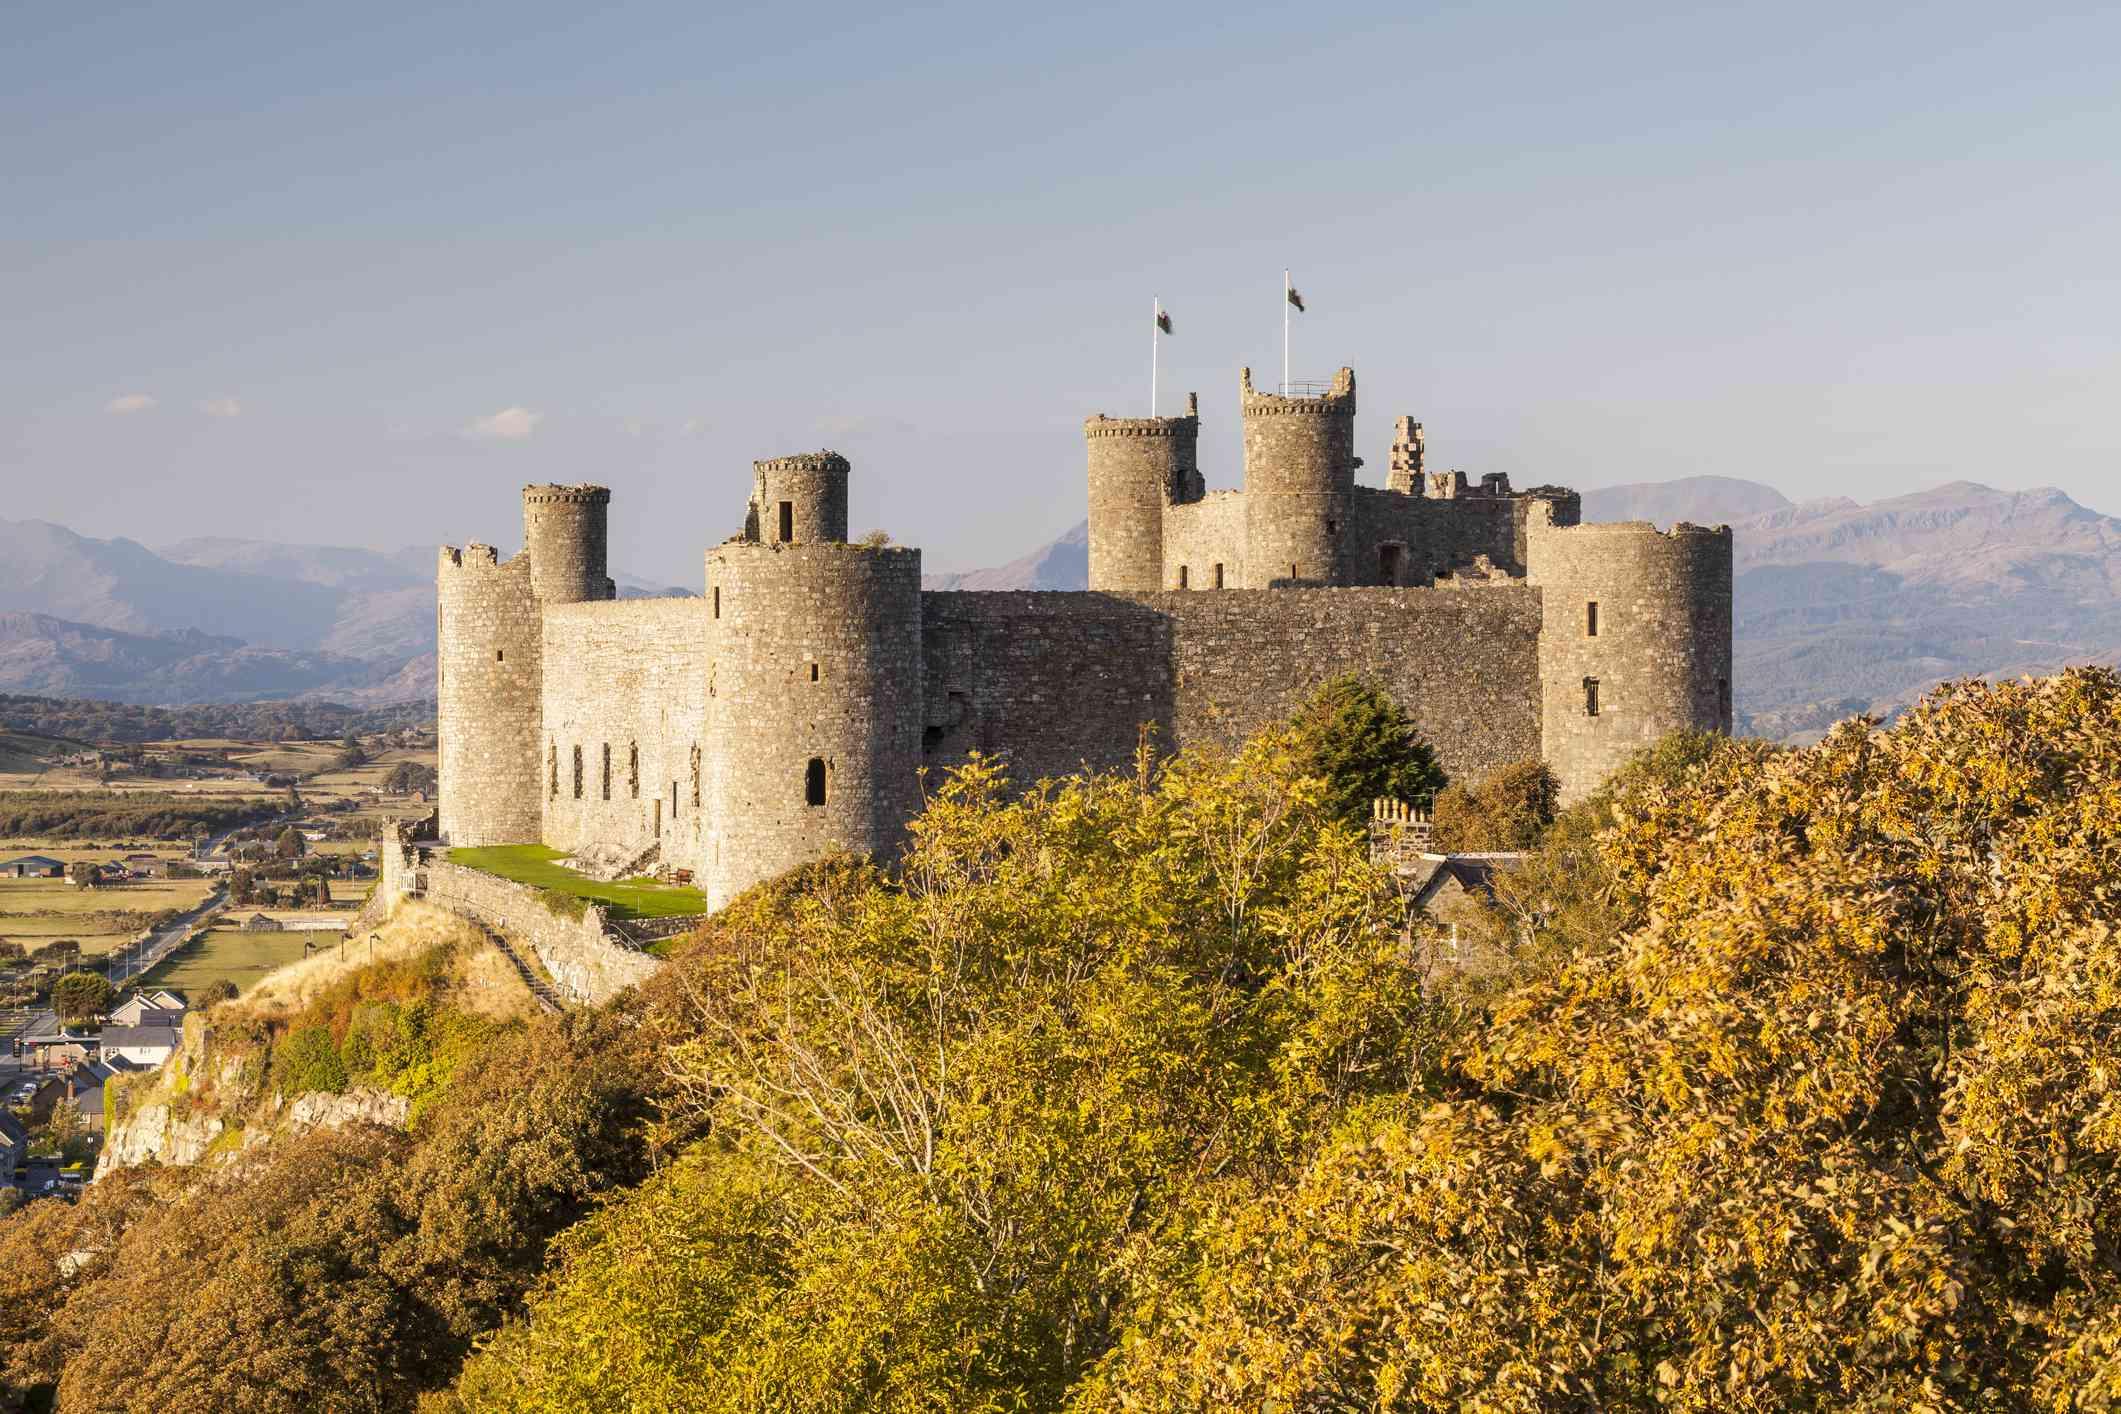 The medieval Harlech Castle in Gwynedd